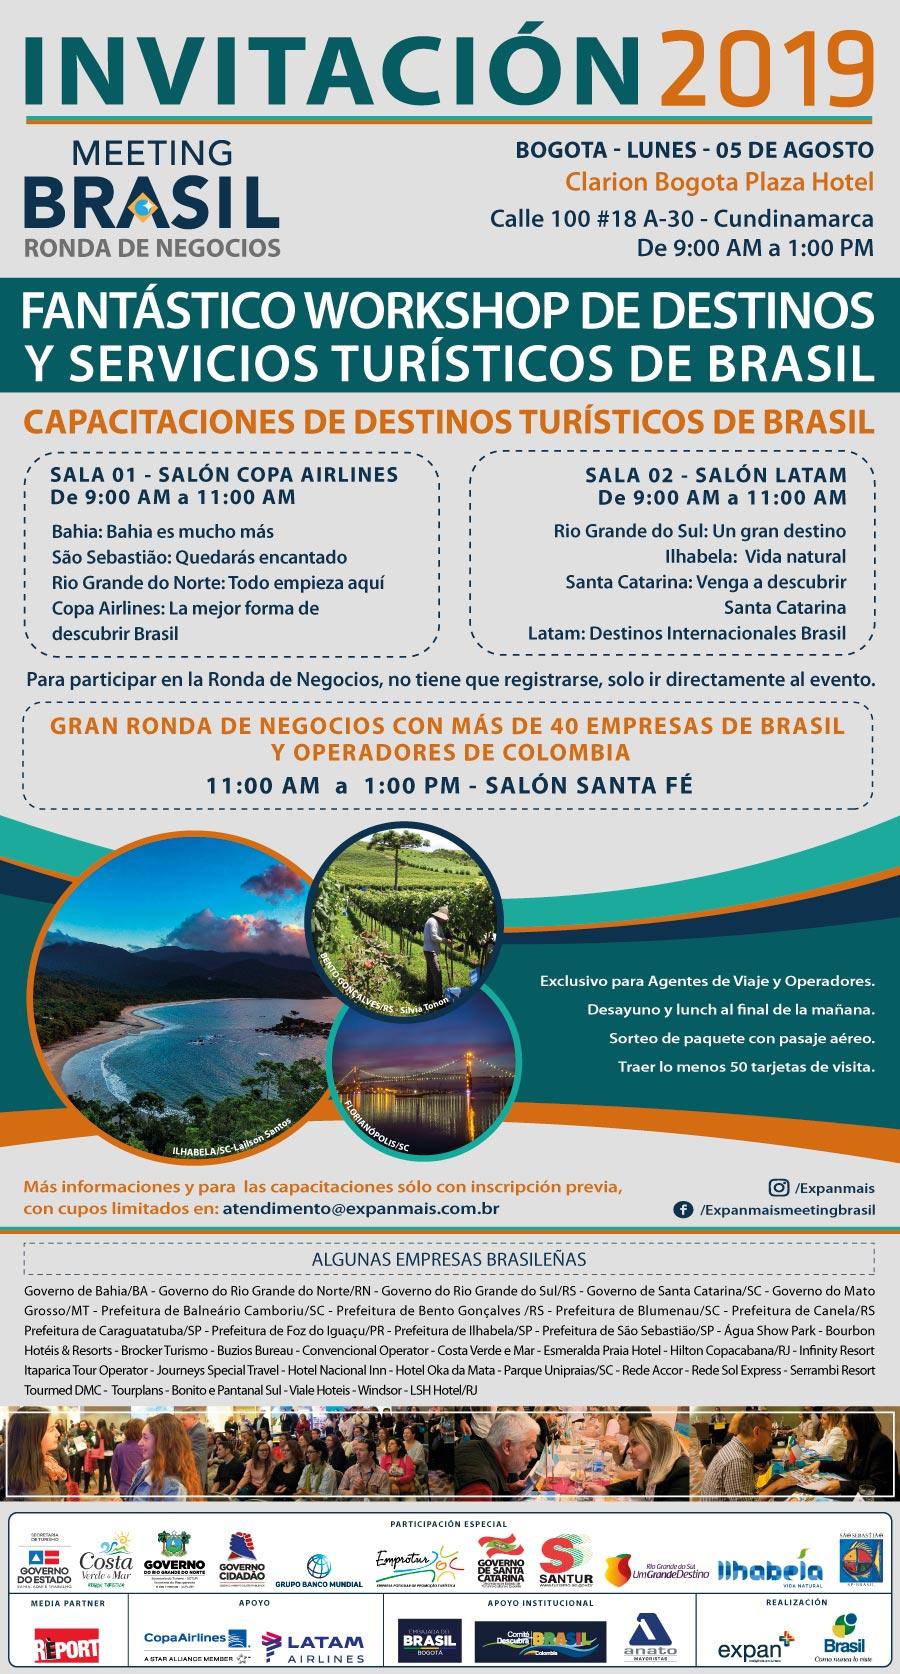 Meeting Brasil 2019 - Os desafios e as certezas de mais uma jornada